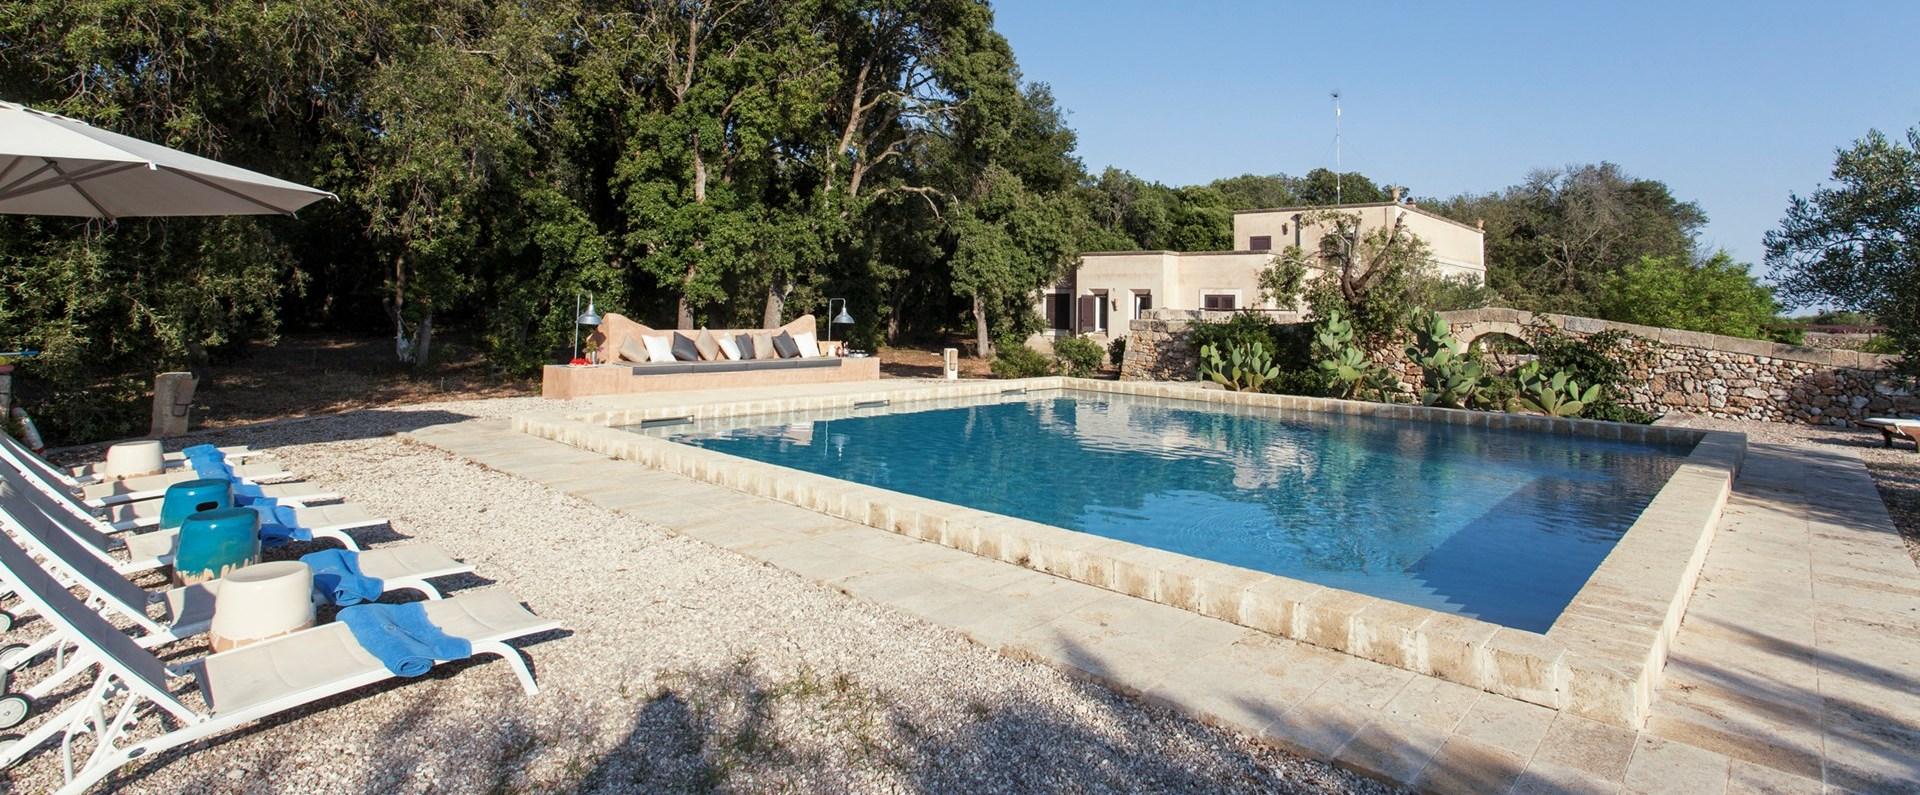 masseria-del-mare-puglia-pool